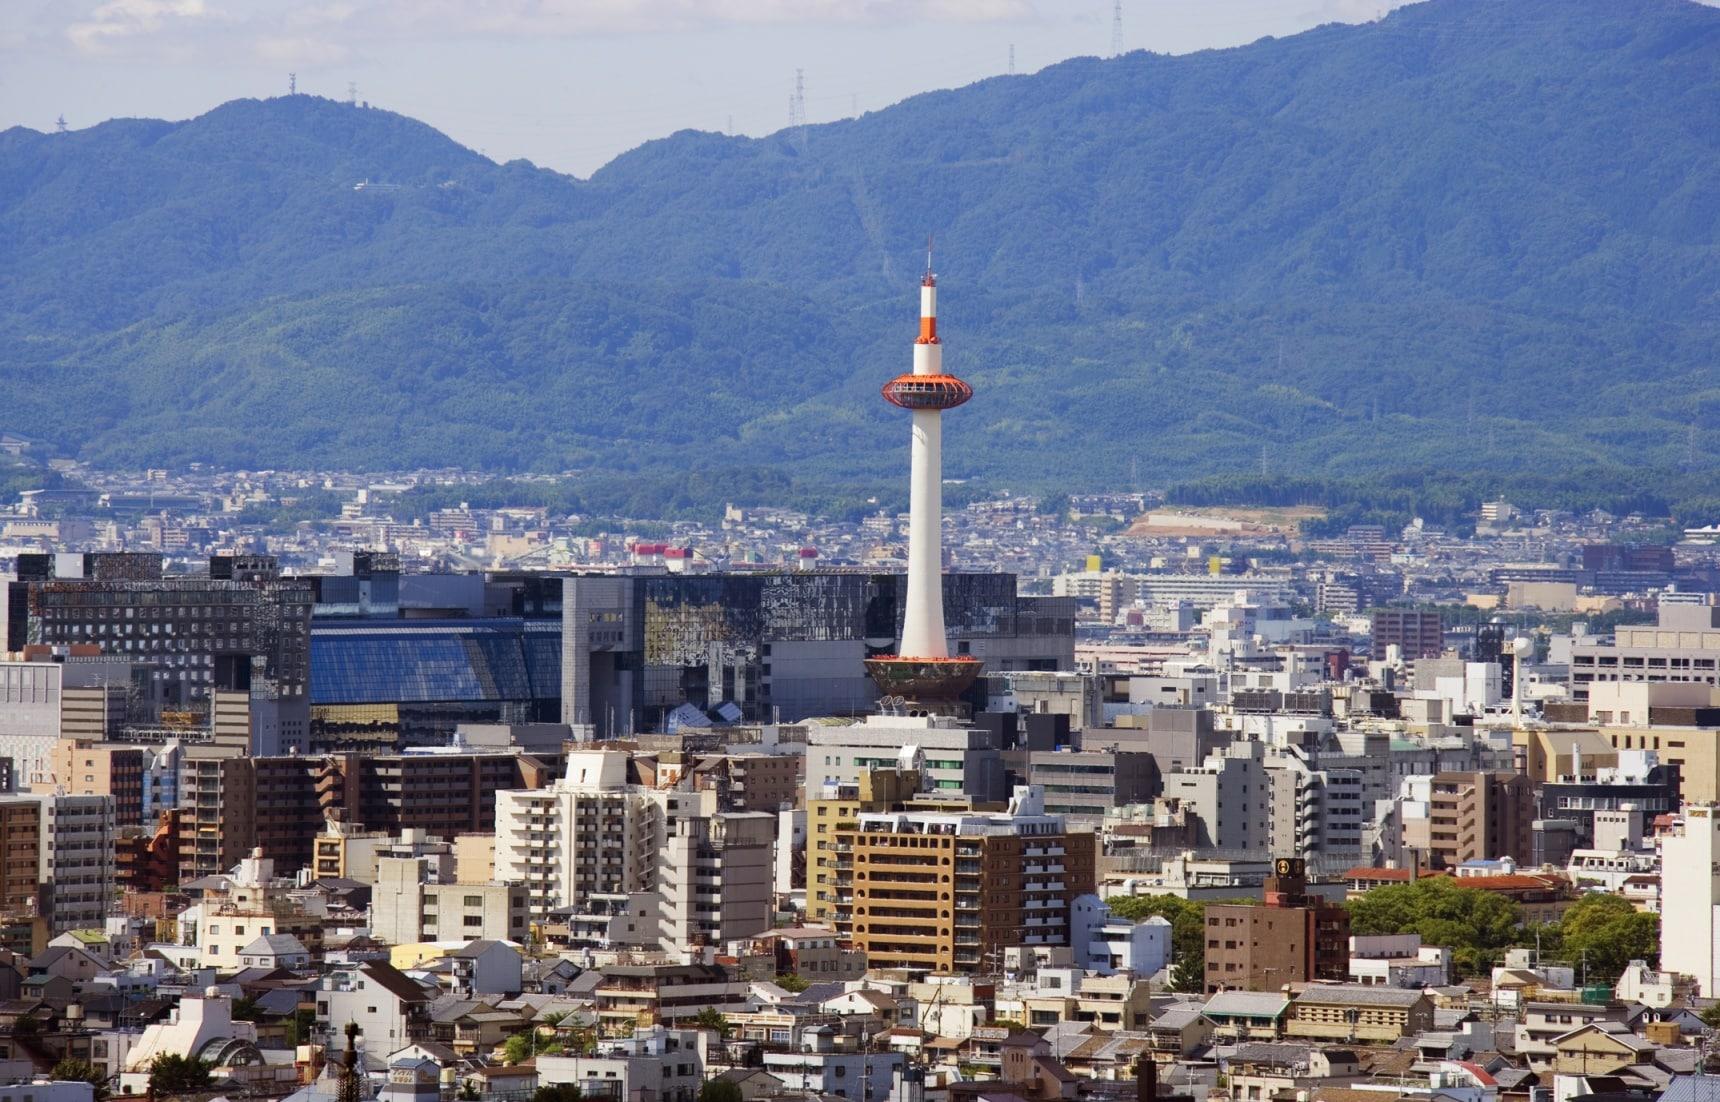 ชมวิวจากยอดหอคอย Kyoto Tower